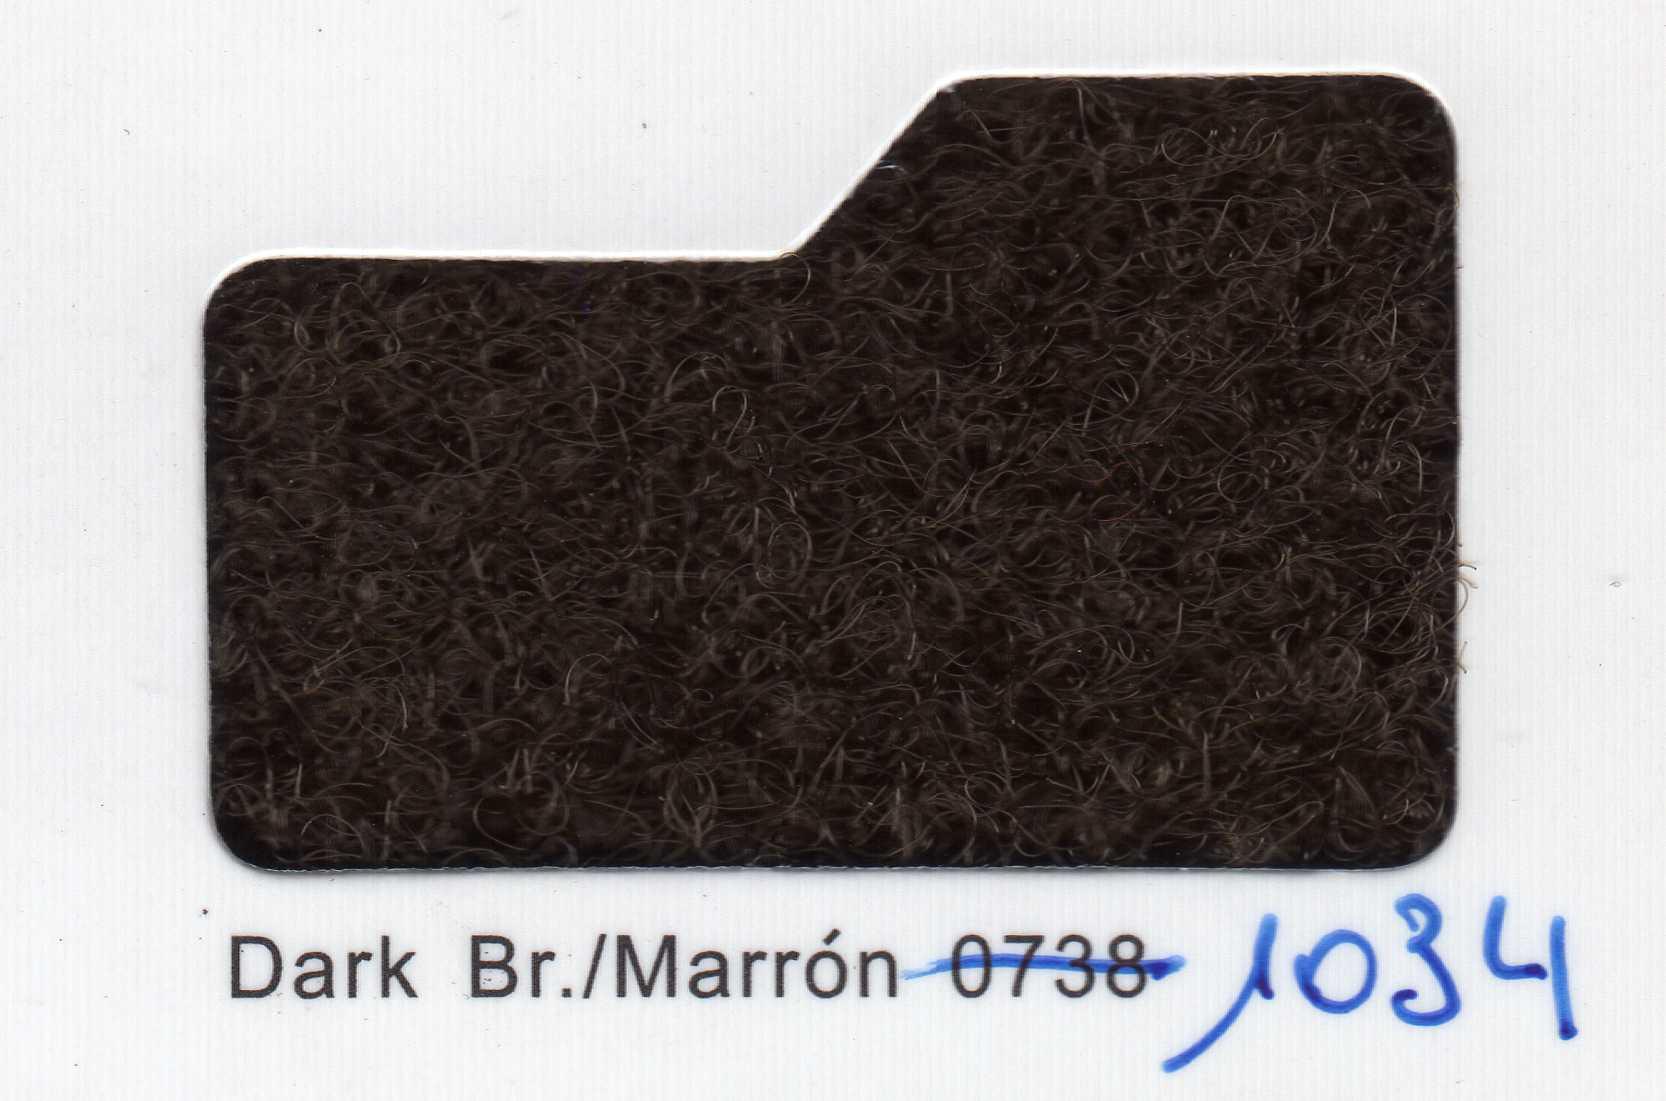 Cinta de cierre Velcro-Veraco 38mm Marrón 1034 (Rizo).